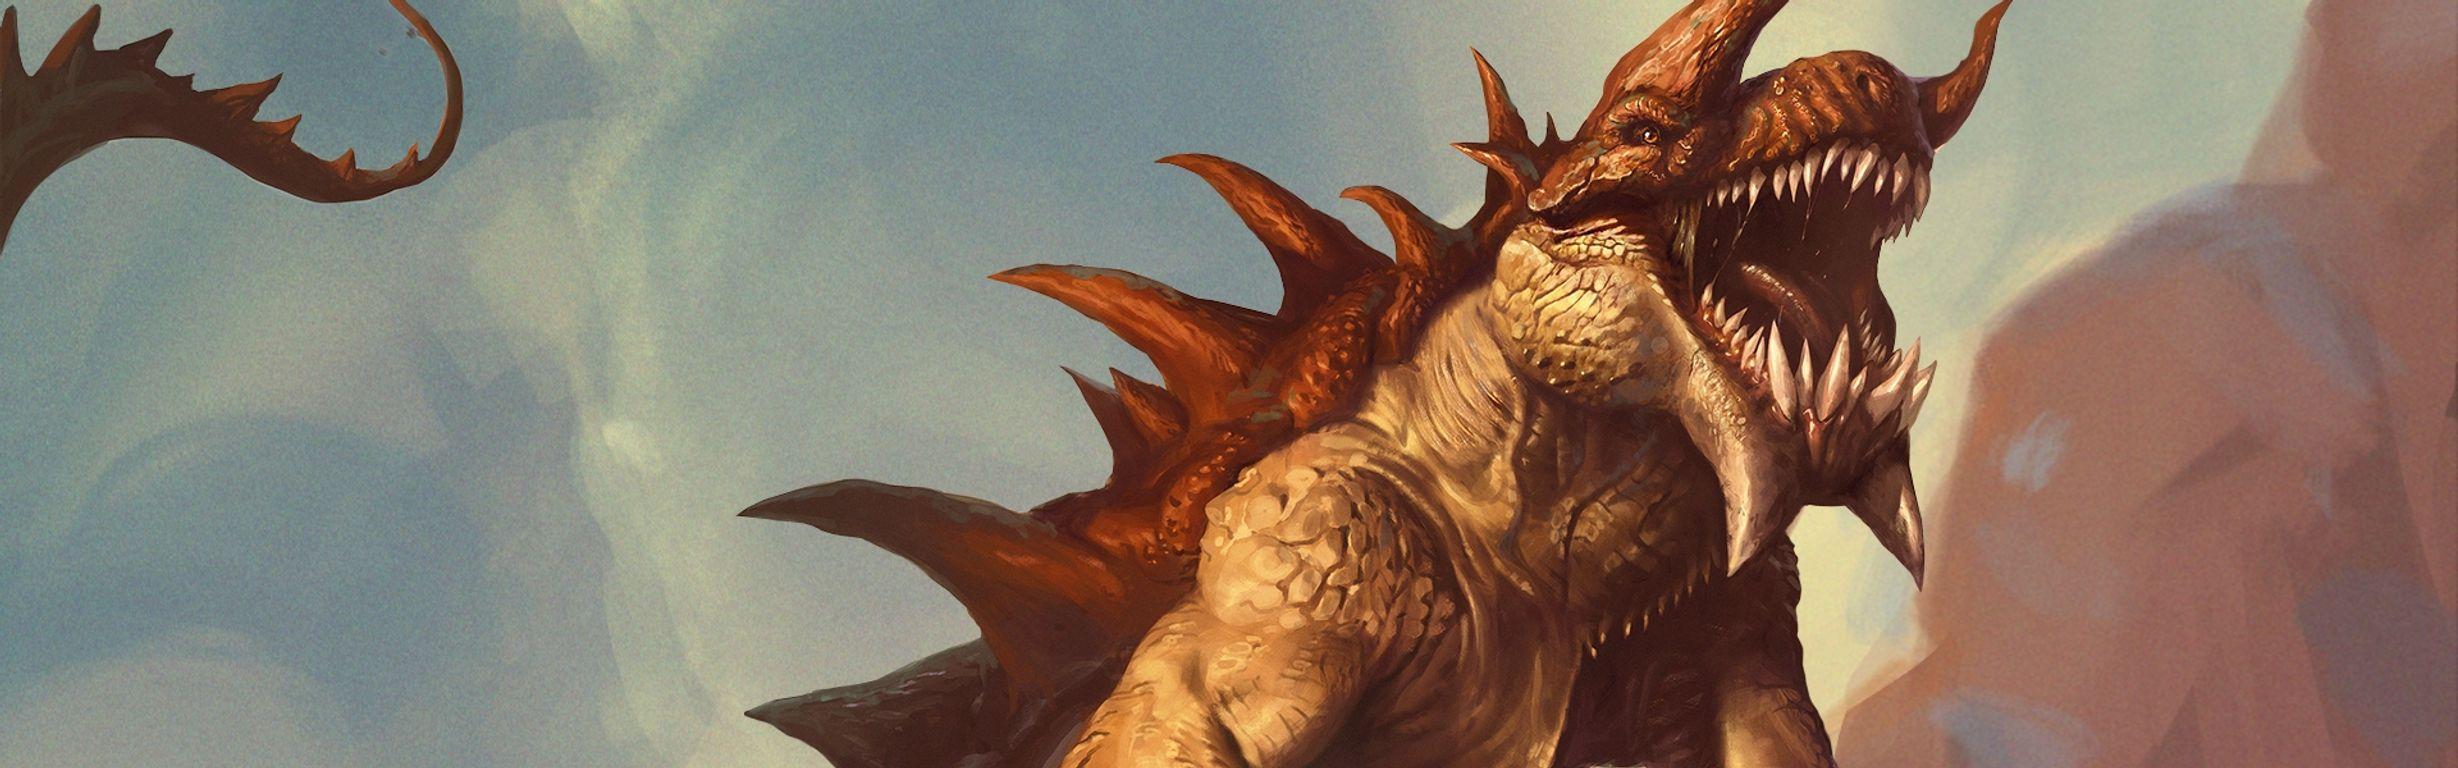 Beasts & Behemoths: A Young Adventurer's Guide